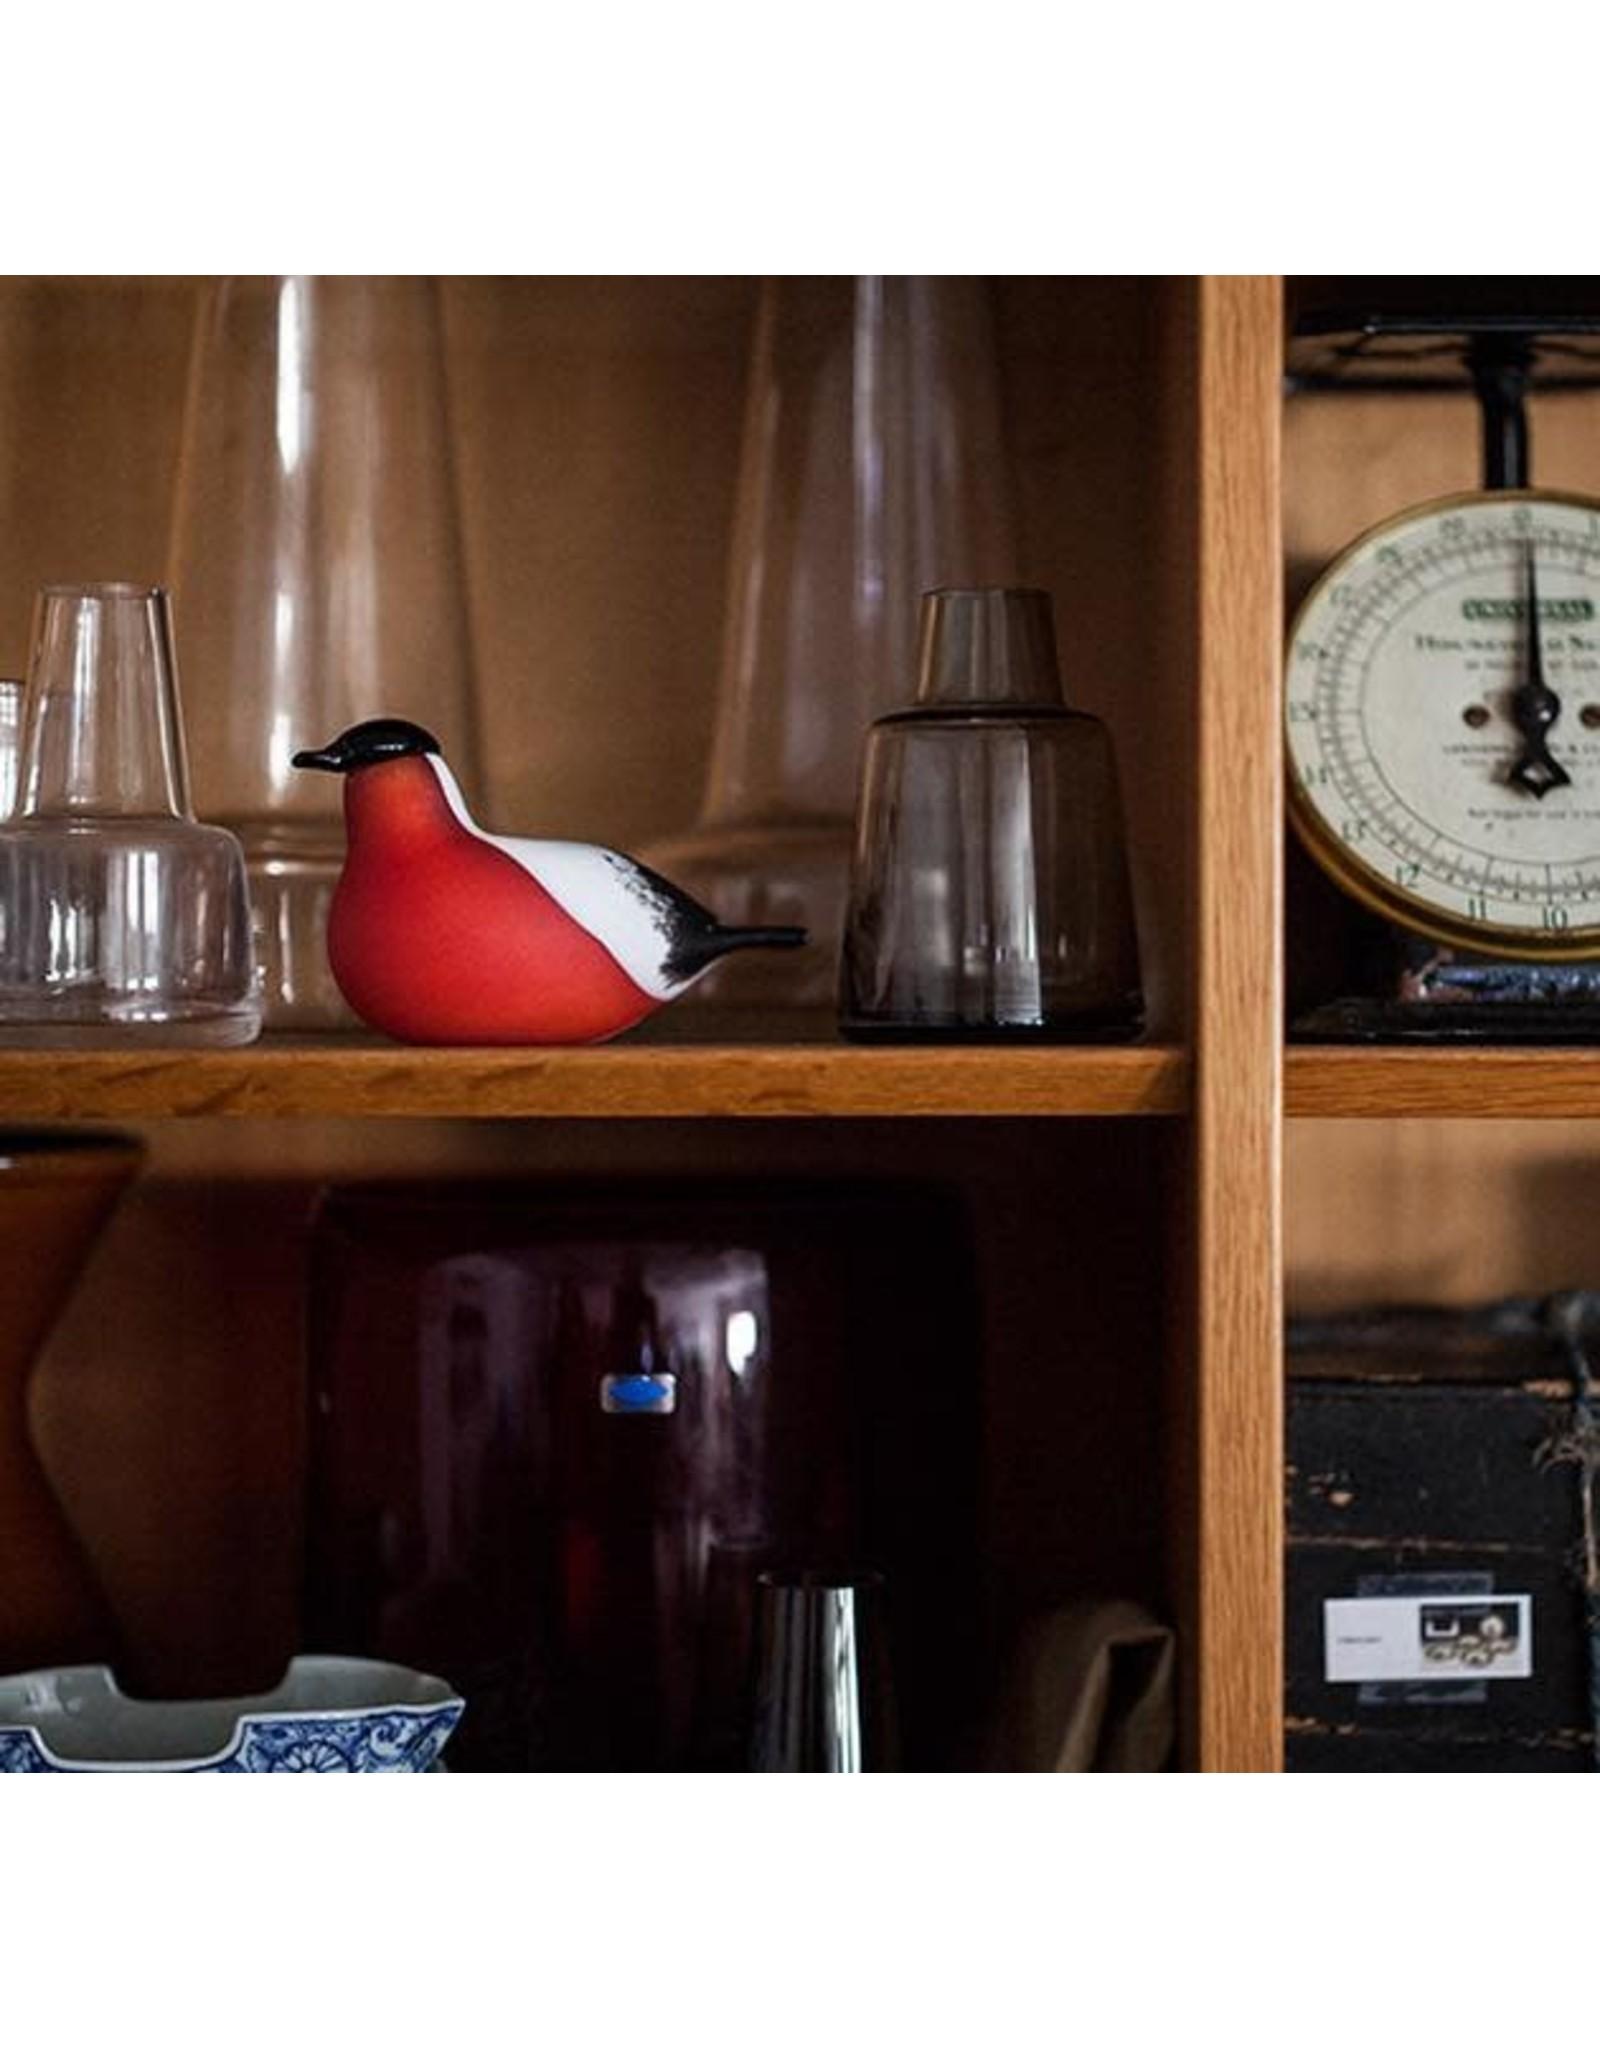 IITTALA BIRDS BY TOIKKA, BULLFINCH